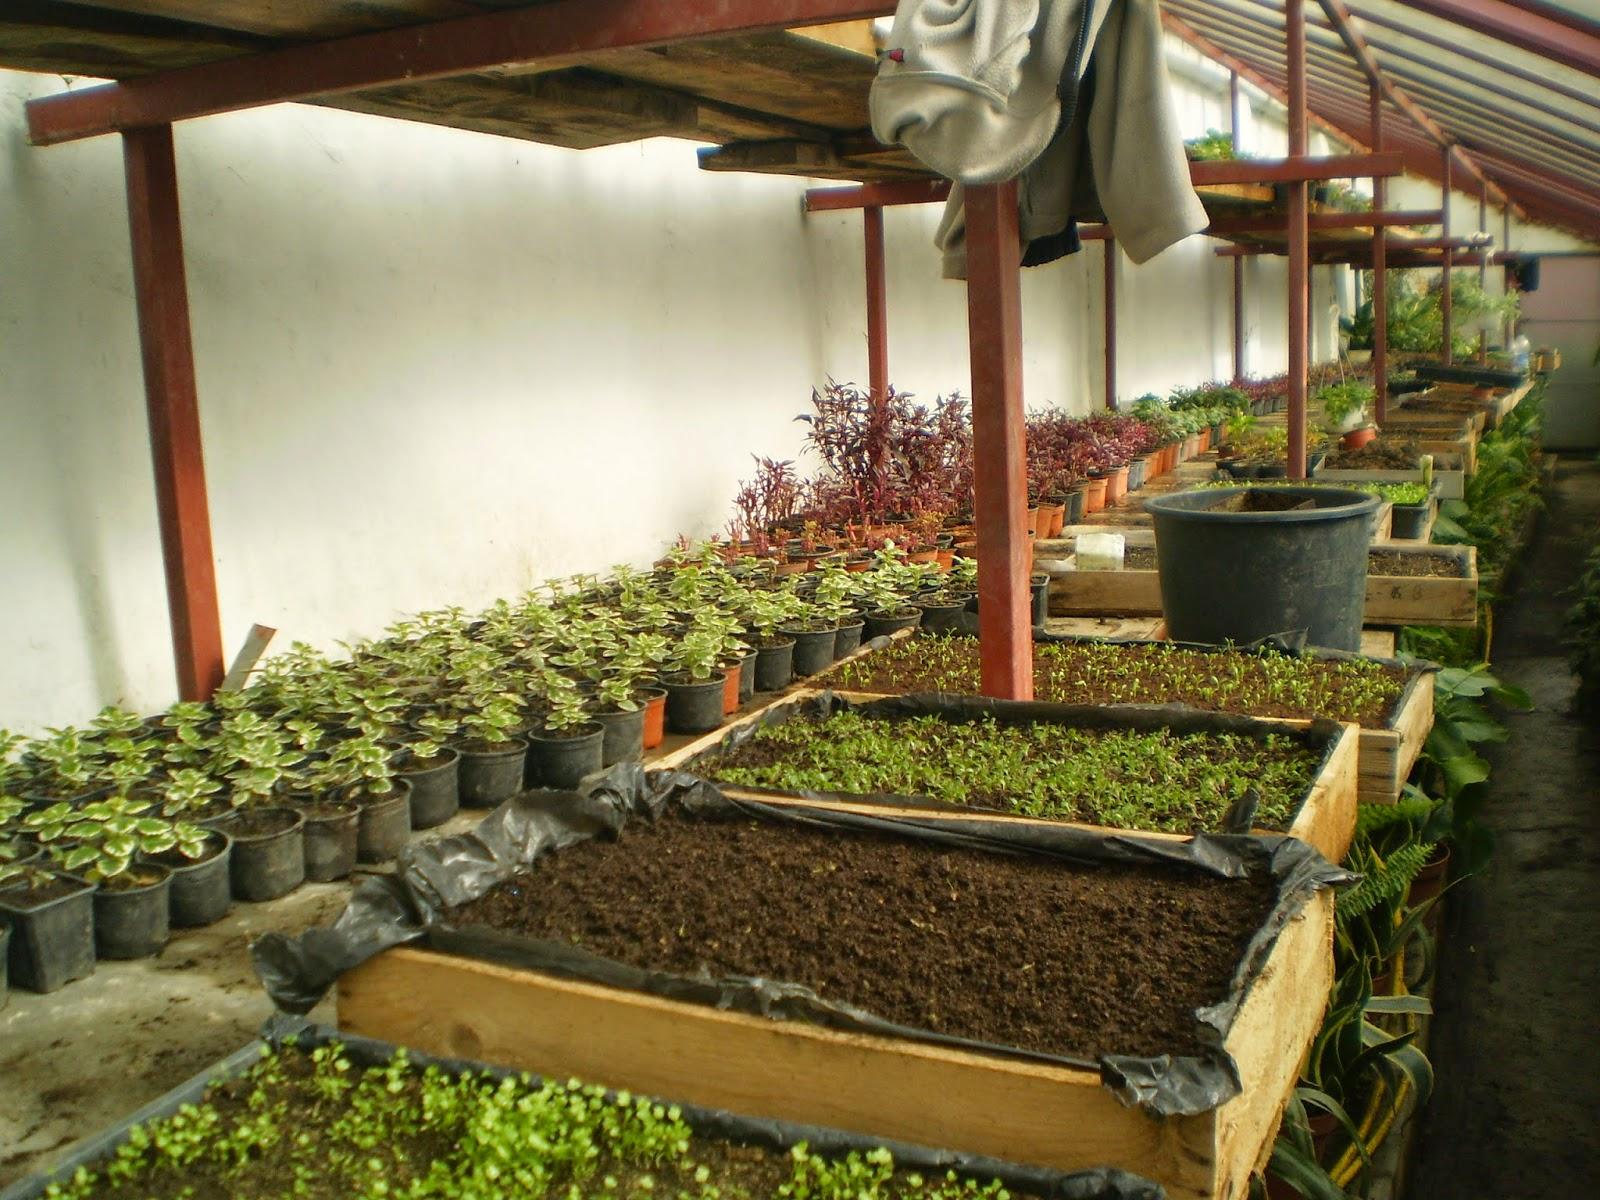 Plebiscitul Terra Flower Power - votați-vă orașul! - grădini ornamentale, plante, flori